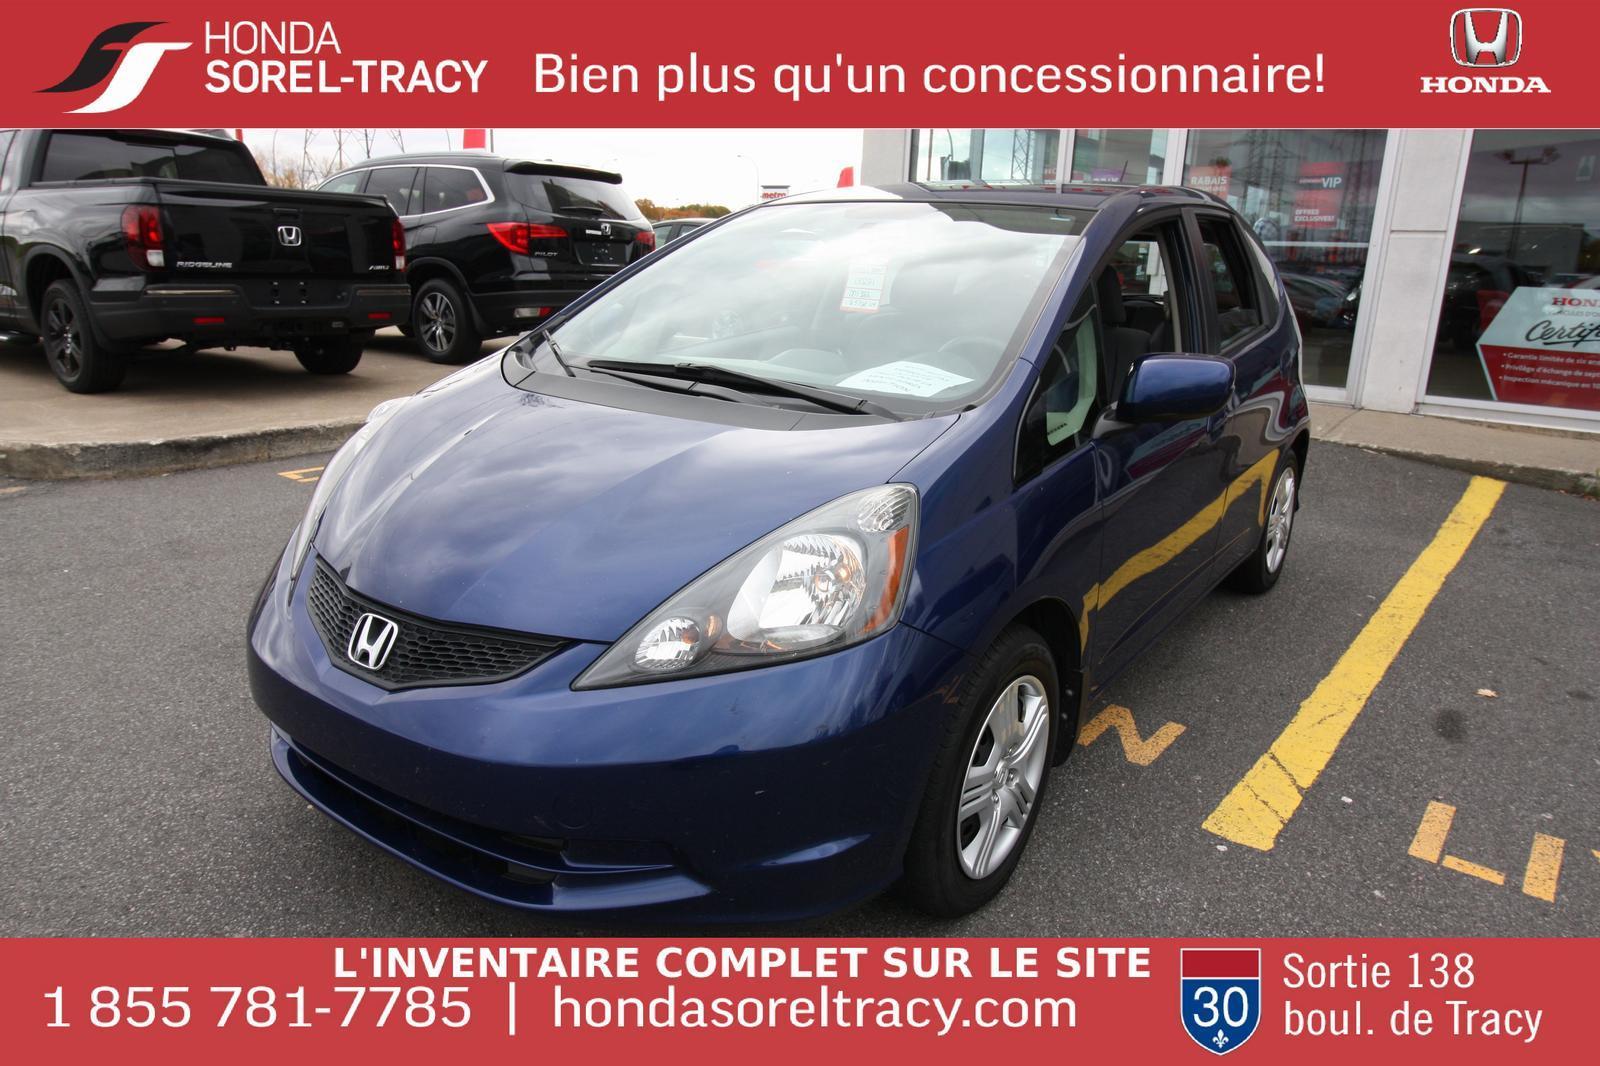 2013 Honda Fit LX $10,495